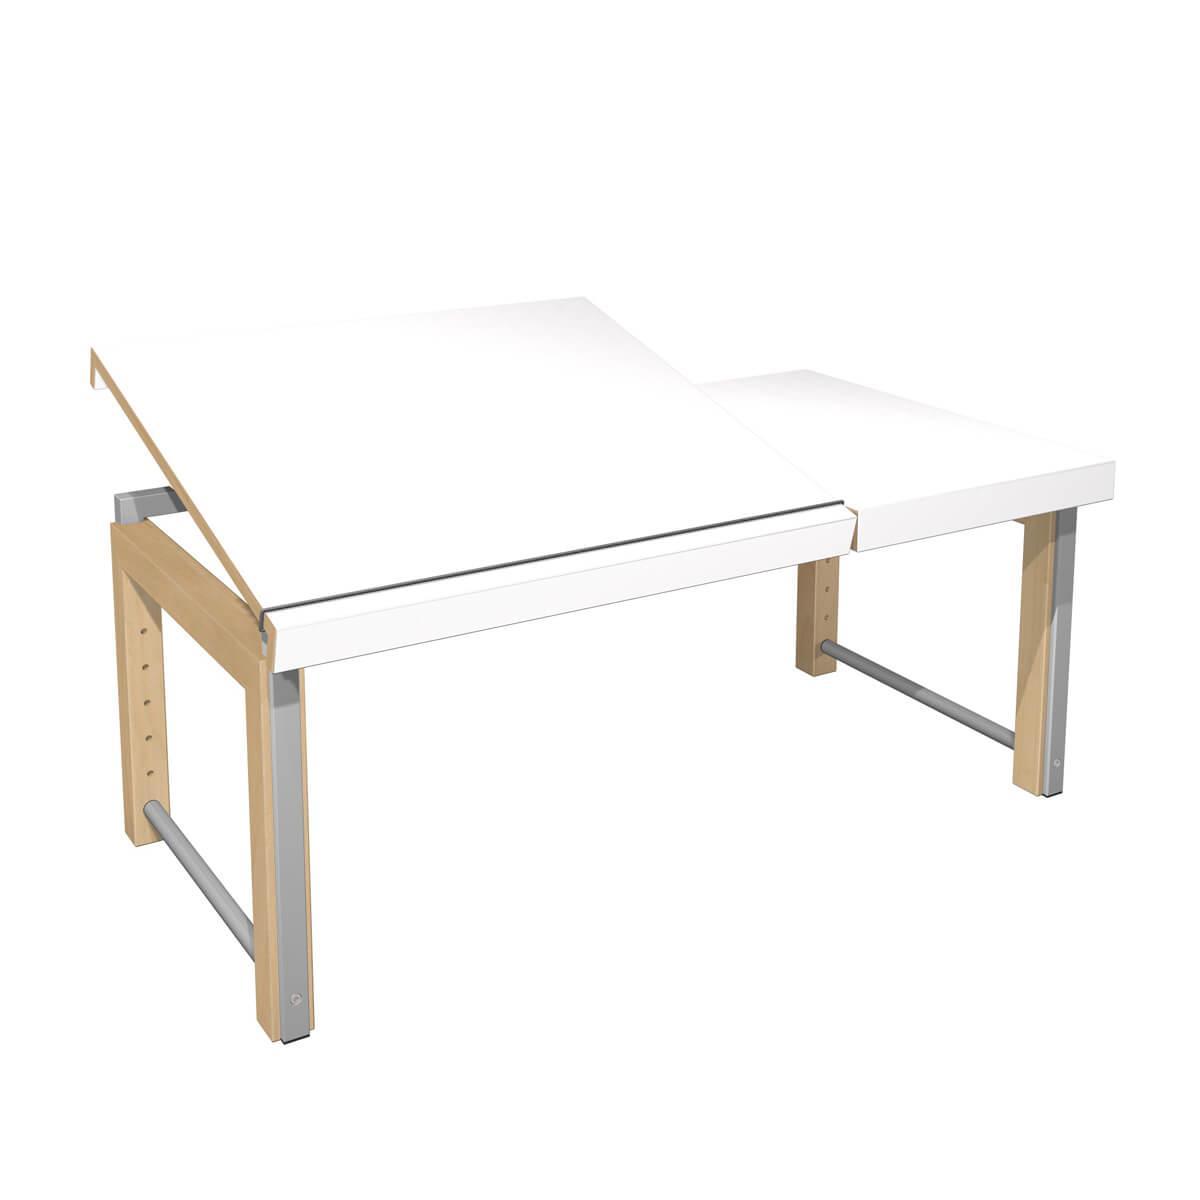 Schreibtisch Ziggy DECOR Debreuyn geteilte Platte-Multiplex Buchenrahmen Gestell metallic